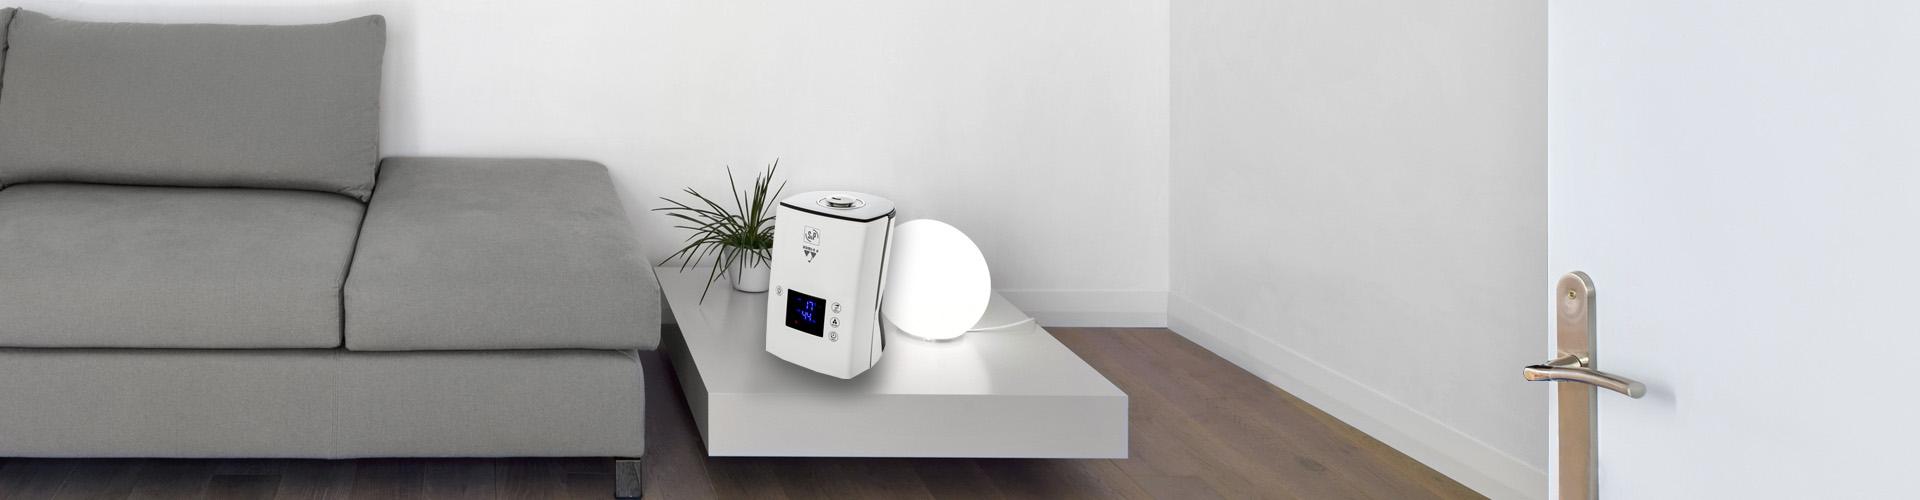 Tratamiento de aire residencial